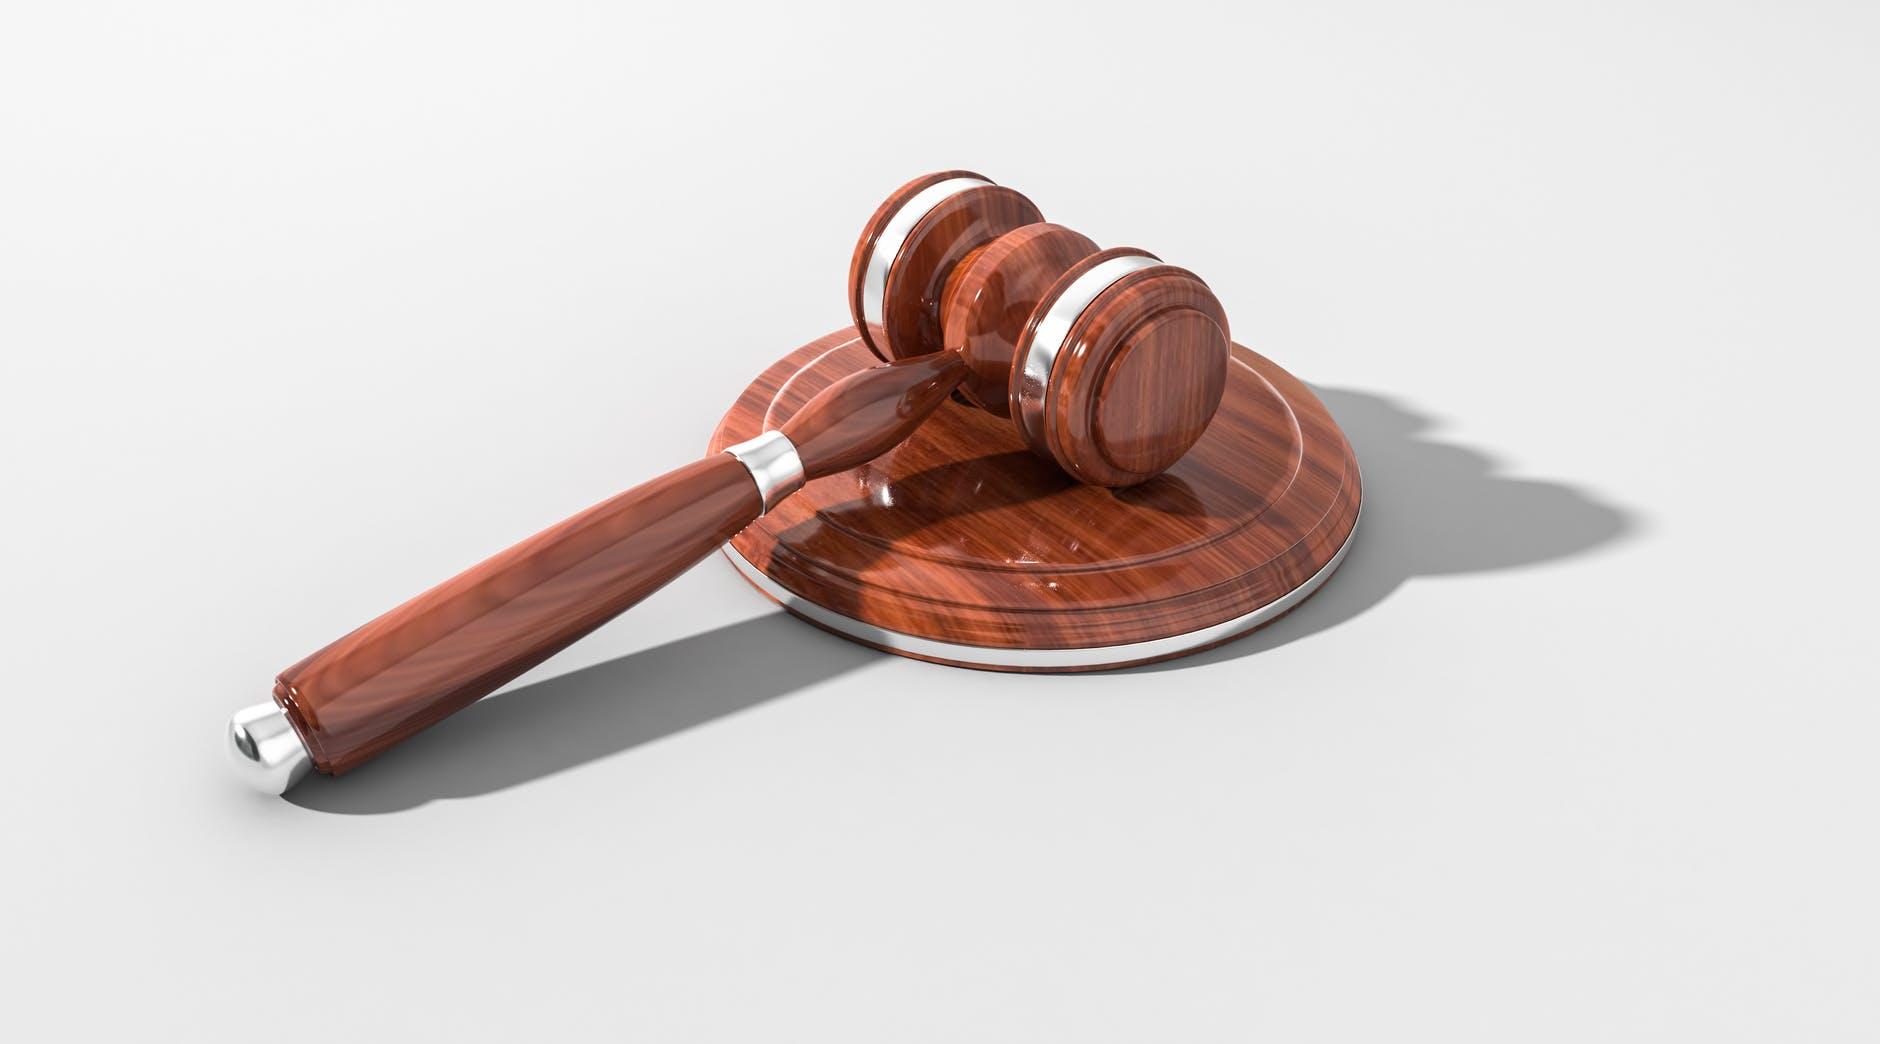 Almanya'da mahkeme, stajyer avukatın başörtüsü yasağına itirazını reddetti